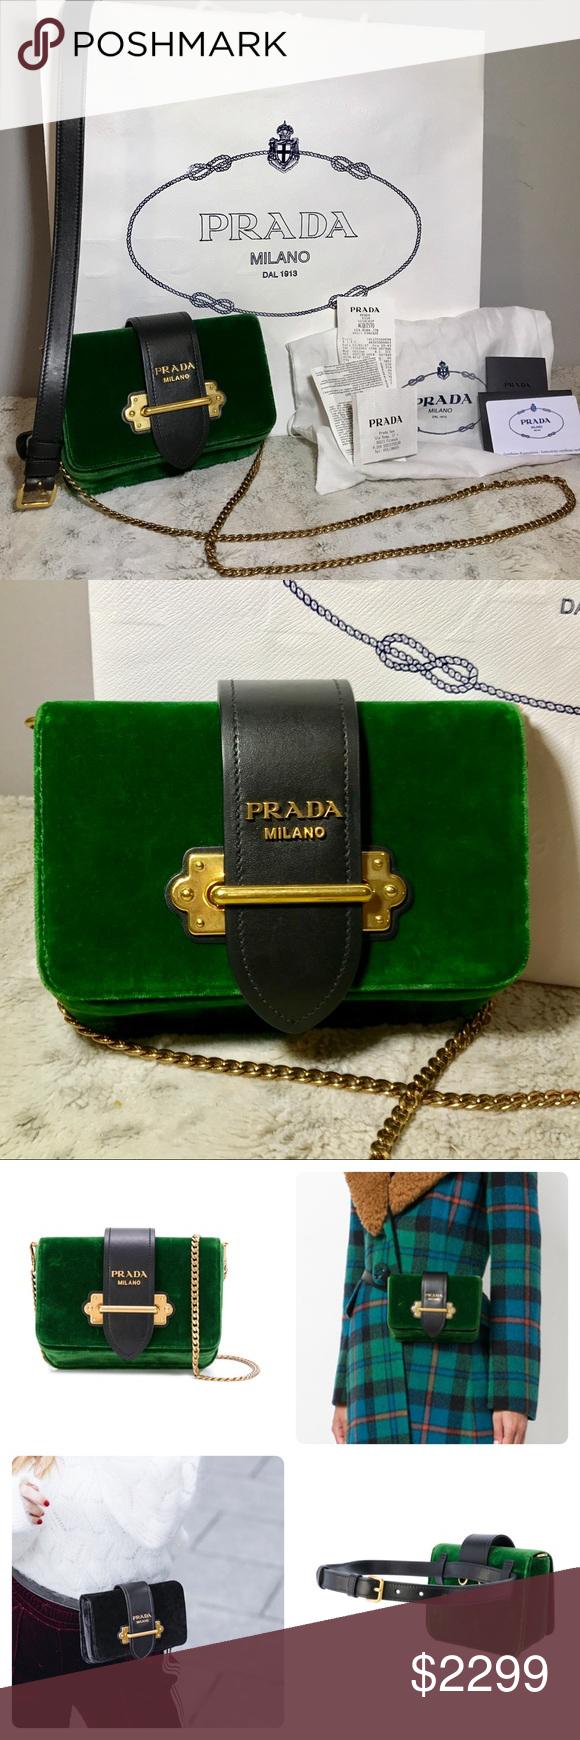 60d15721b430 ... best spotted while shopping on poshmark prada emerald velvet cahier  convertible belt bag poshmark fashion shopping